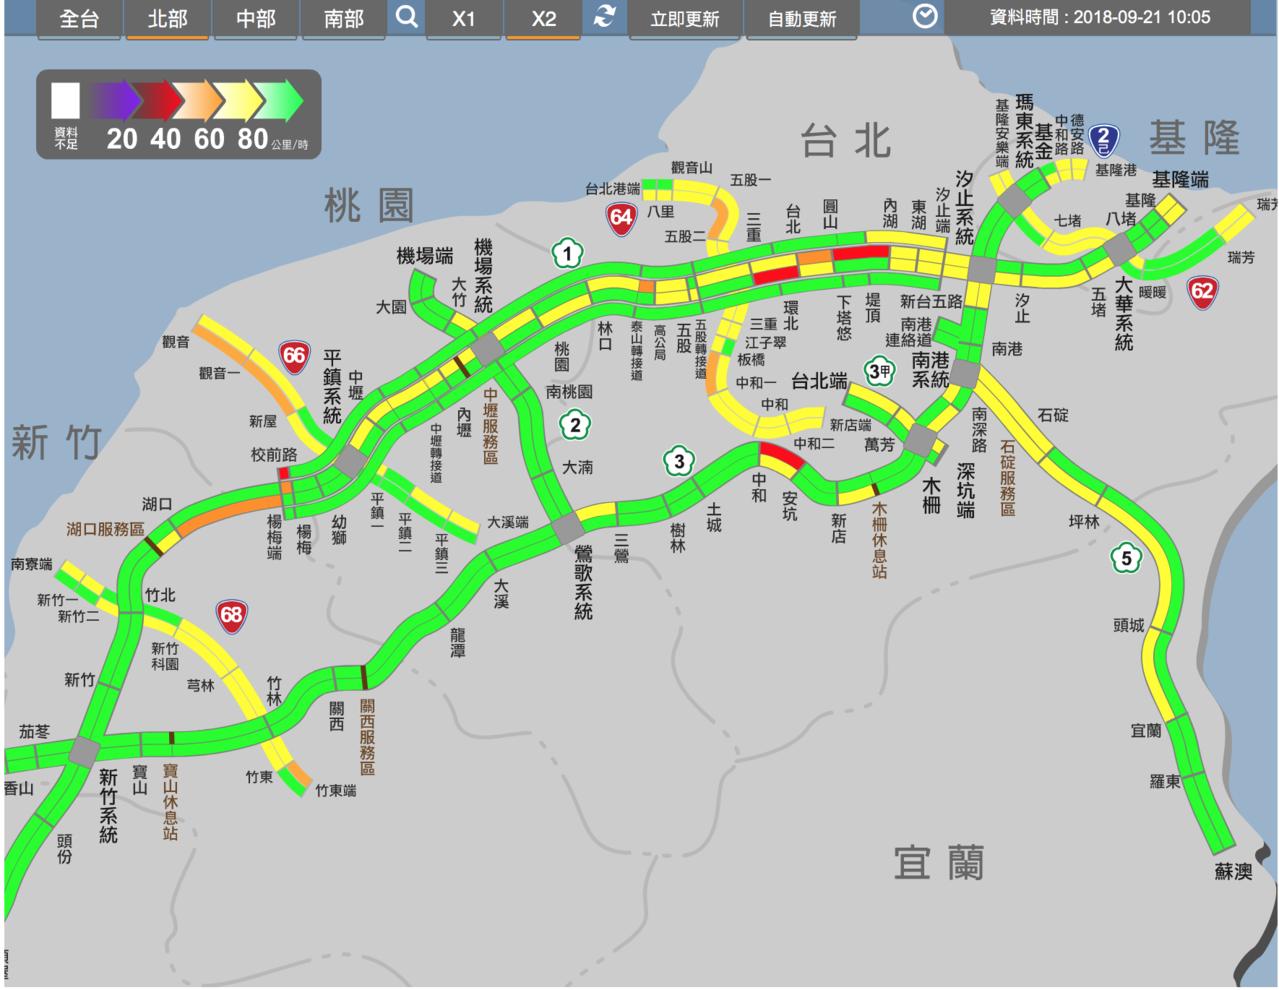 高公局表示,今早國道五號車流狀況跟以往差異不大。圖/翻攝自高公局網站